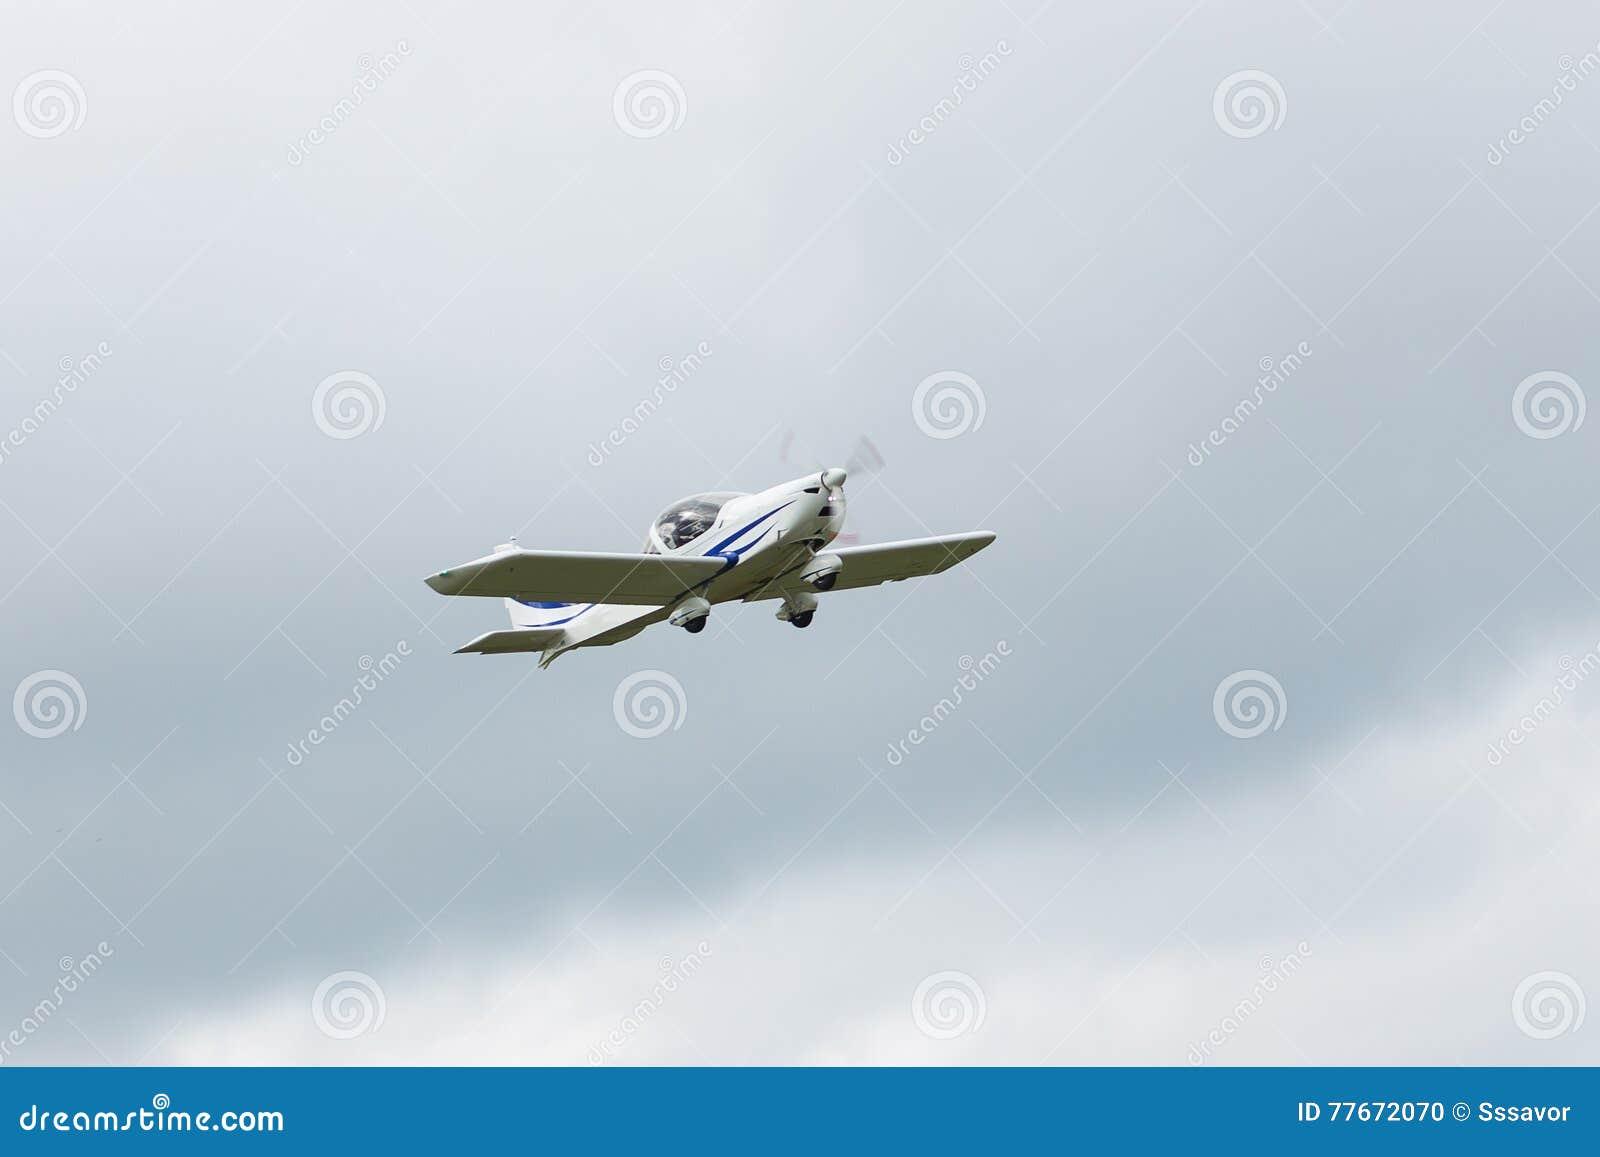 私人喷气式飞机停放